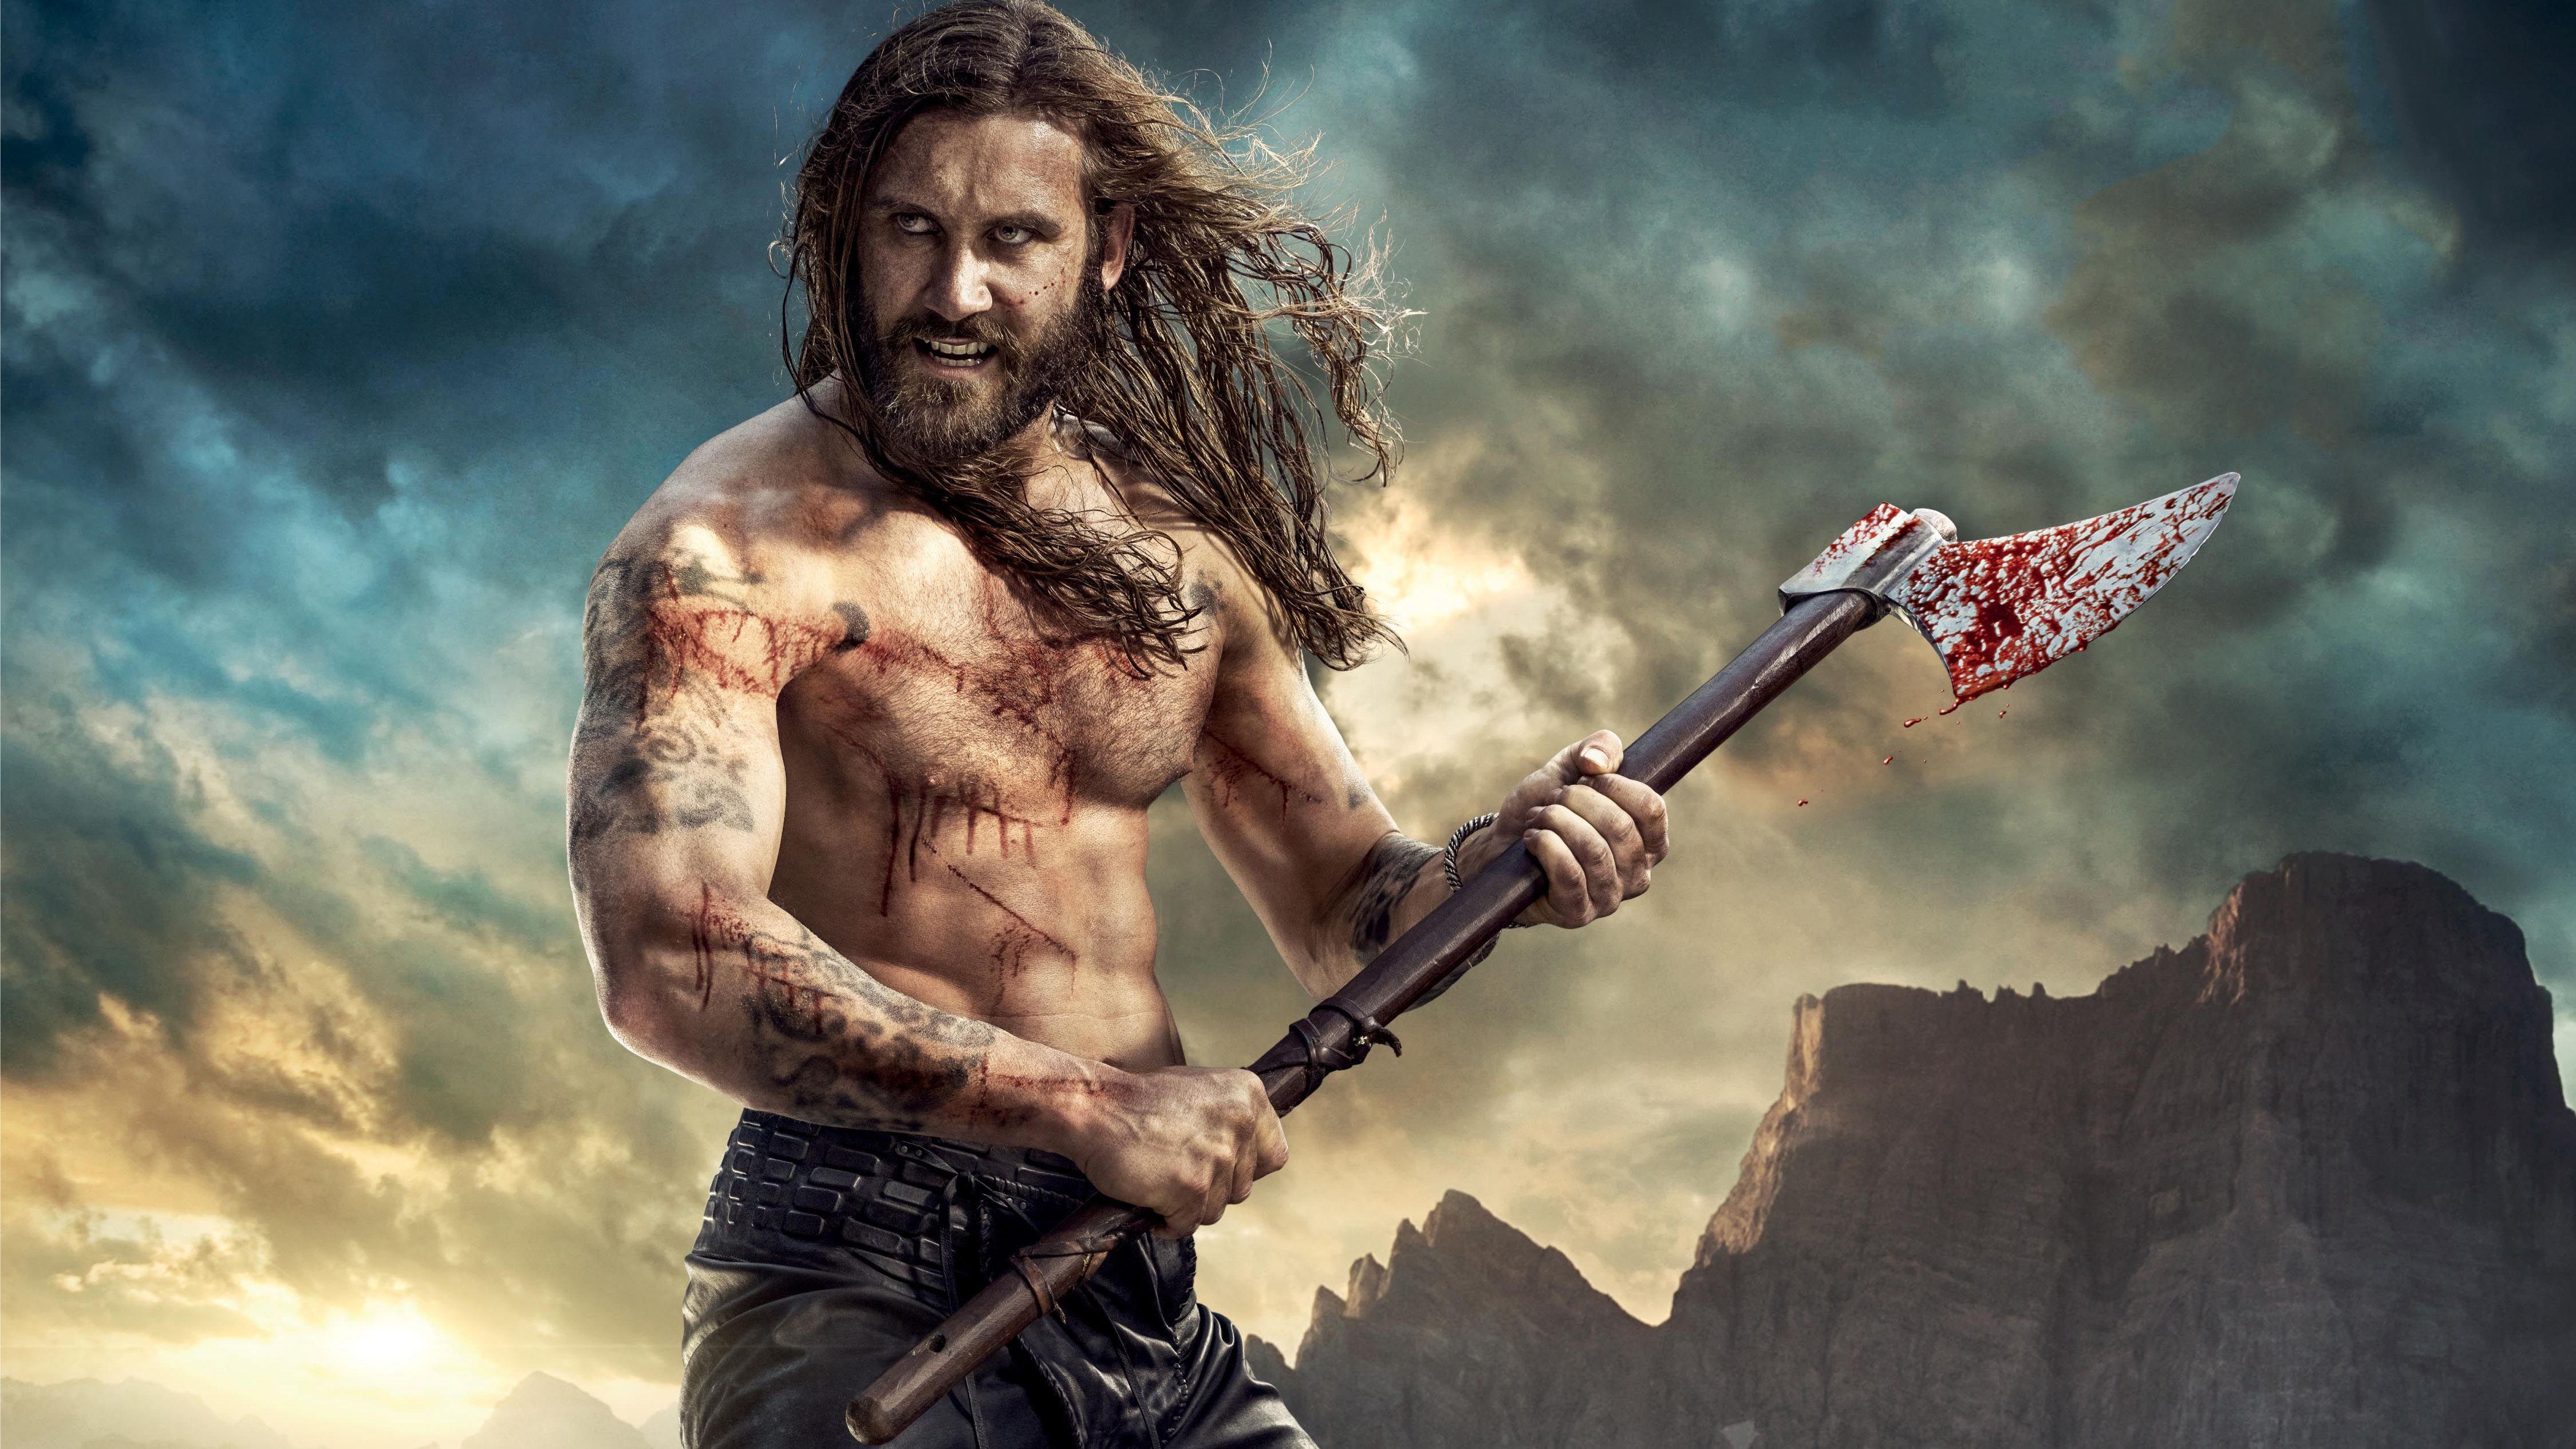 Vikings Rollo Vikings Rollo 4k Wallpaper In 2020 Vikings Tv Series Rollo Vikings Vikings